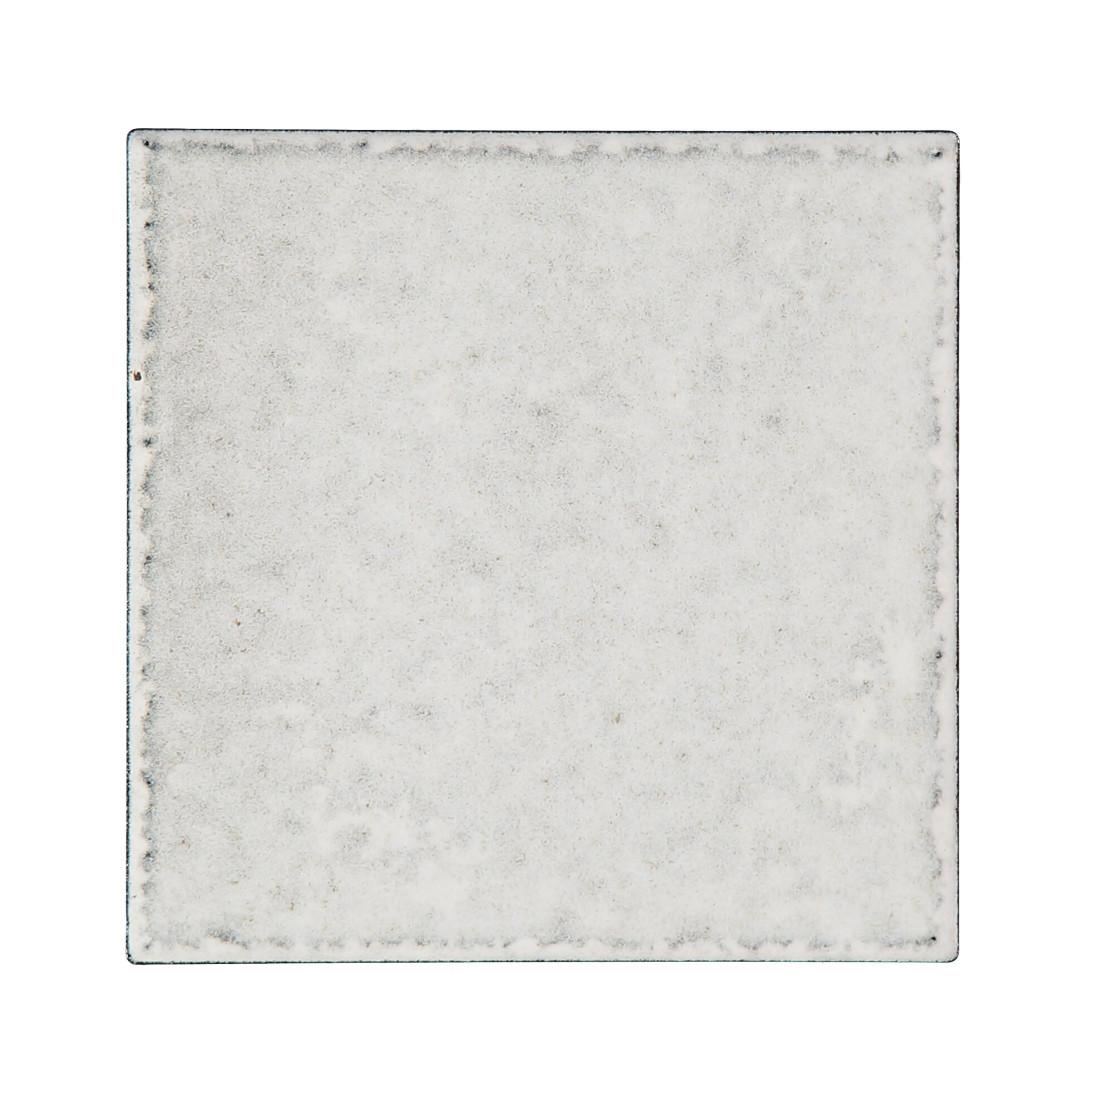 Murano White/Neutral 150 x 150mm